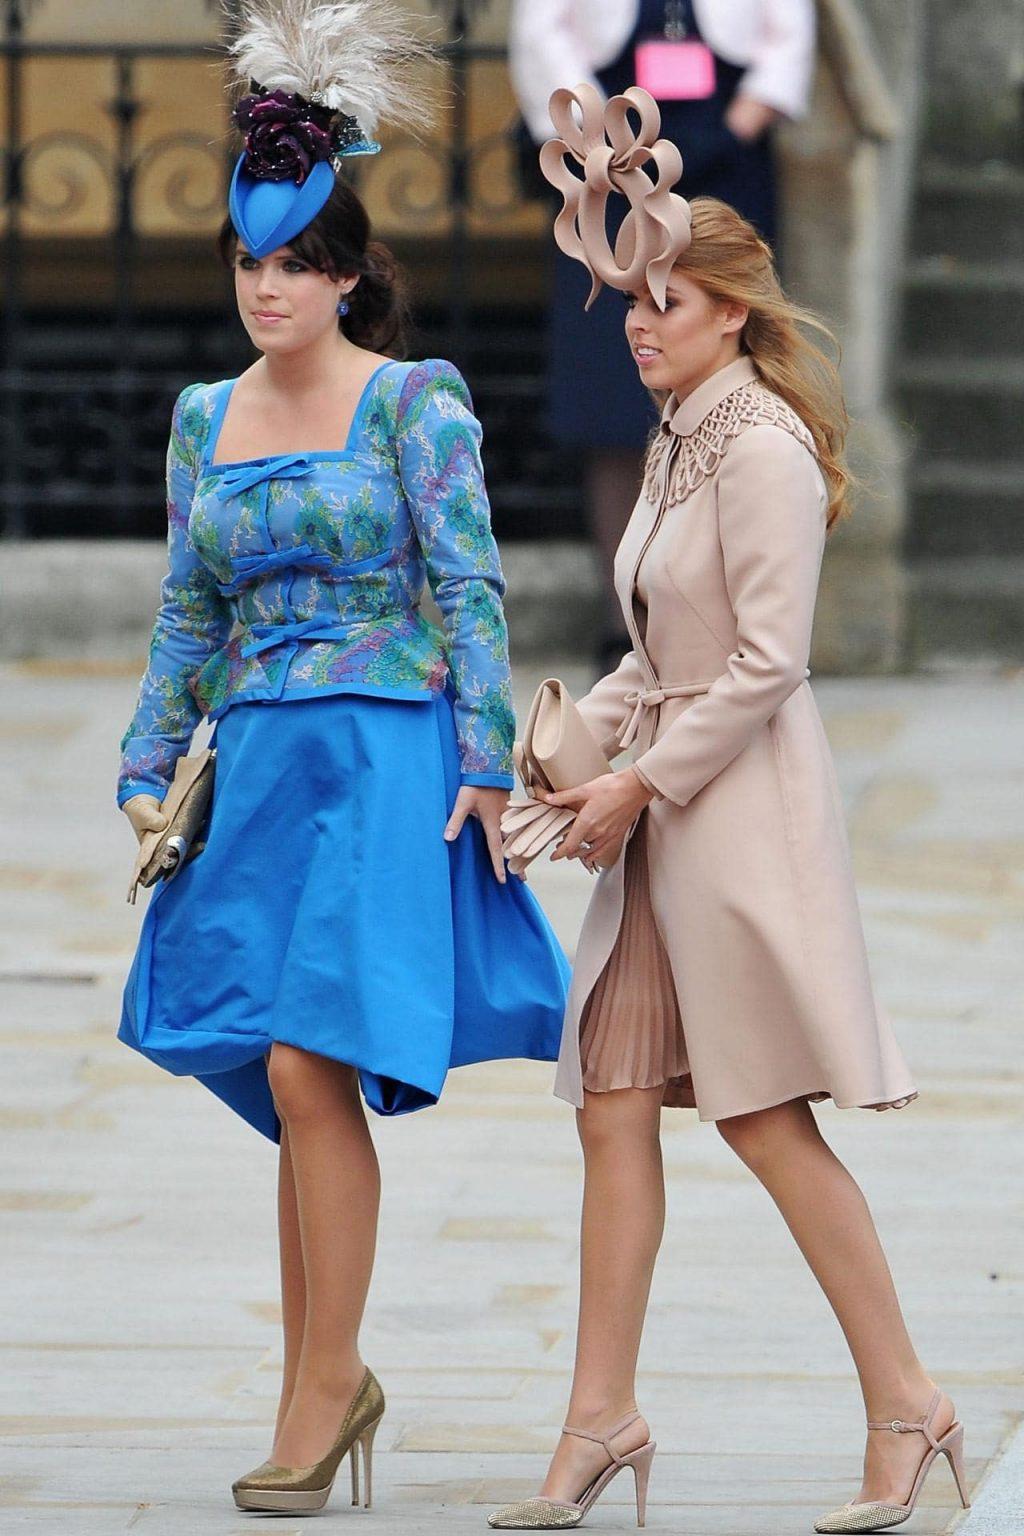 phong cách thời trang Công chúa Eugenie